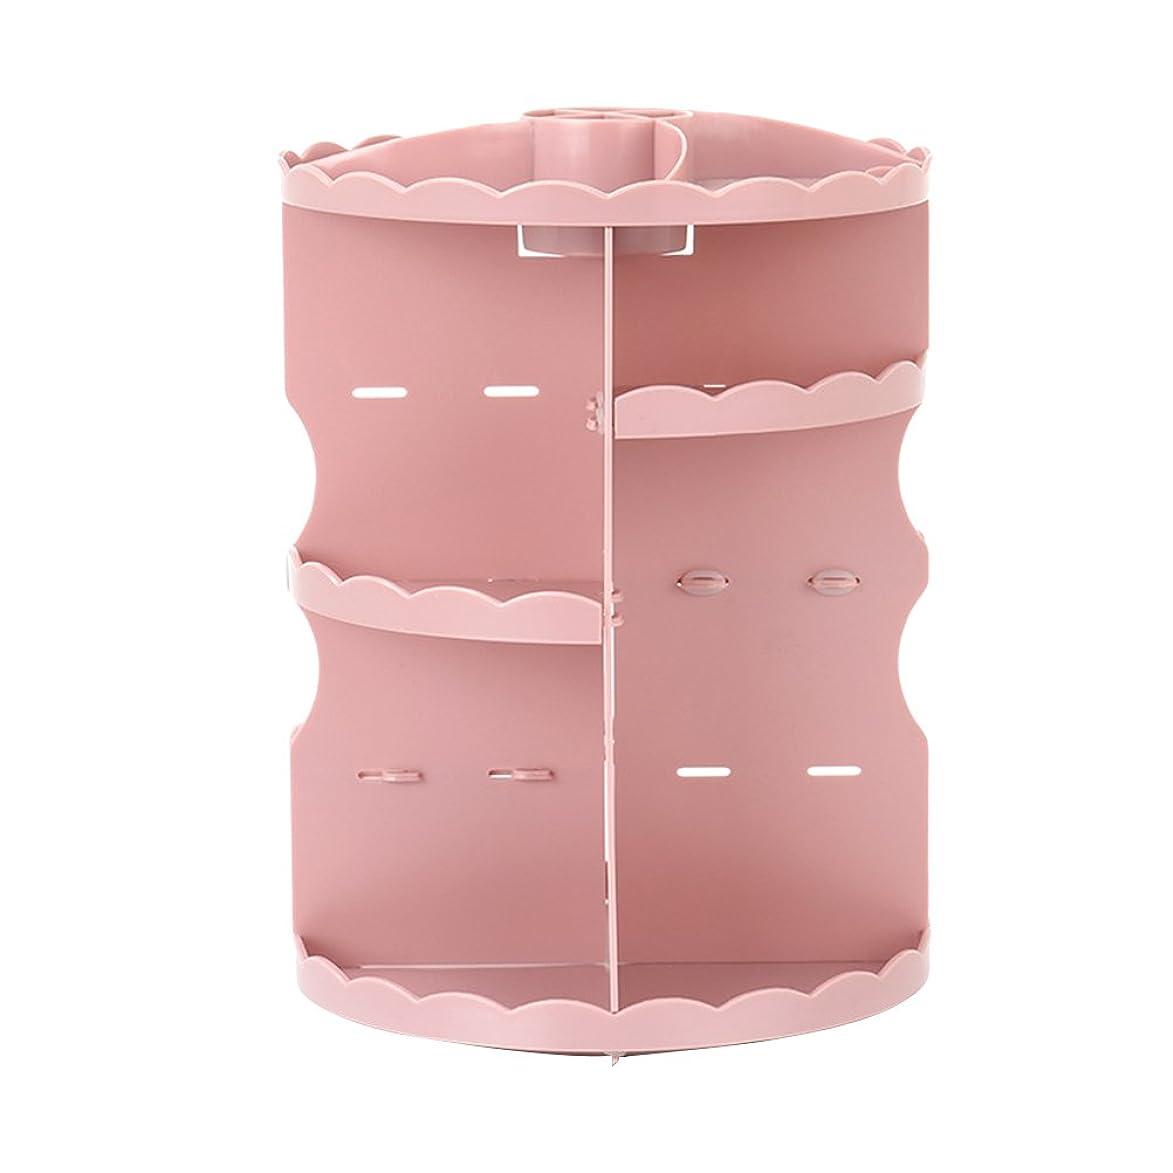 シャーロットブロンテラケット詳細にOUNONA 化粧品棚 メイクボックス コスメ収納 化粧収納 化粧入れ 360度回転式 大容量 卓上 浴室 台所 収納棚 回転化粧ラック(ピンク)